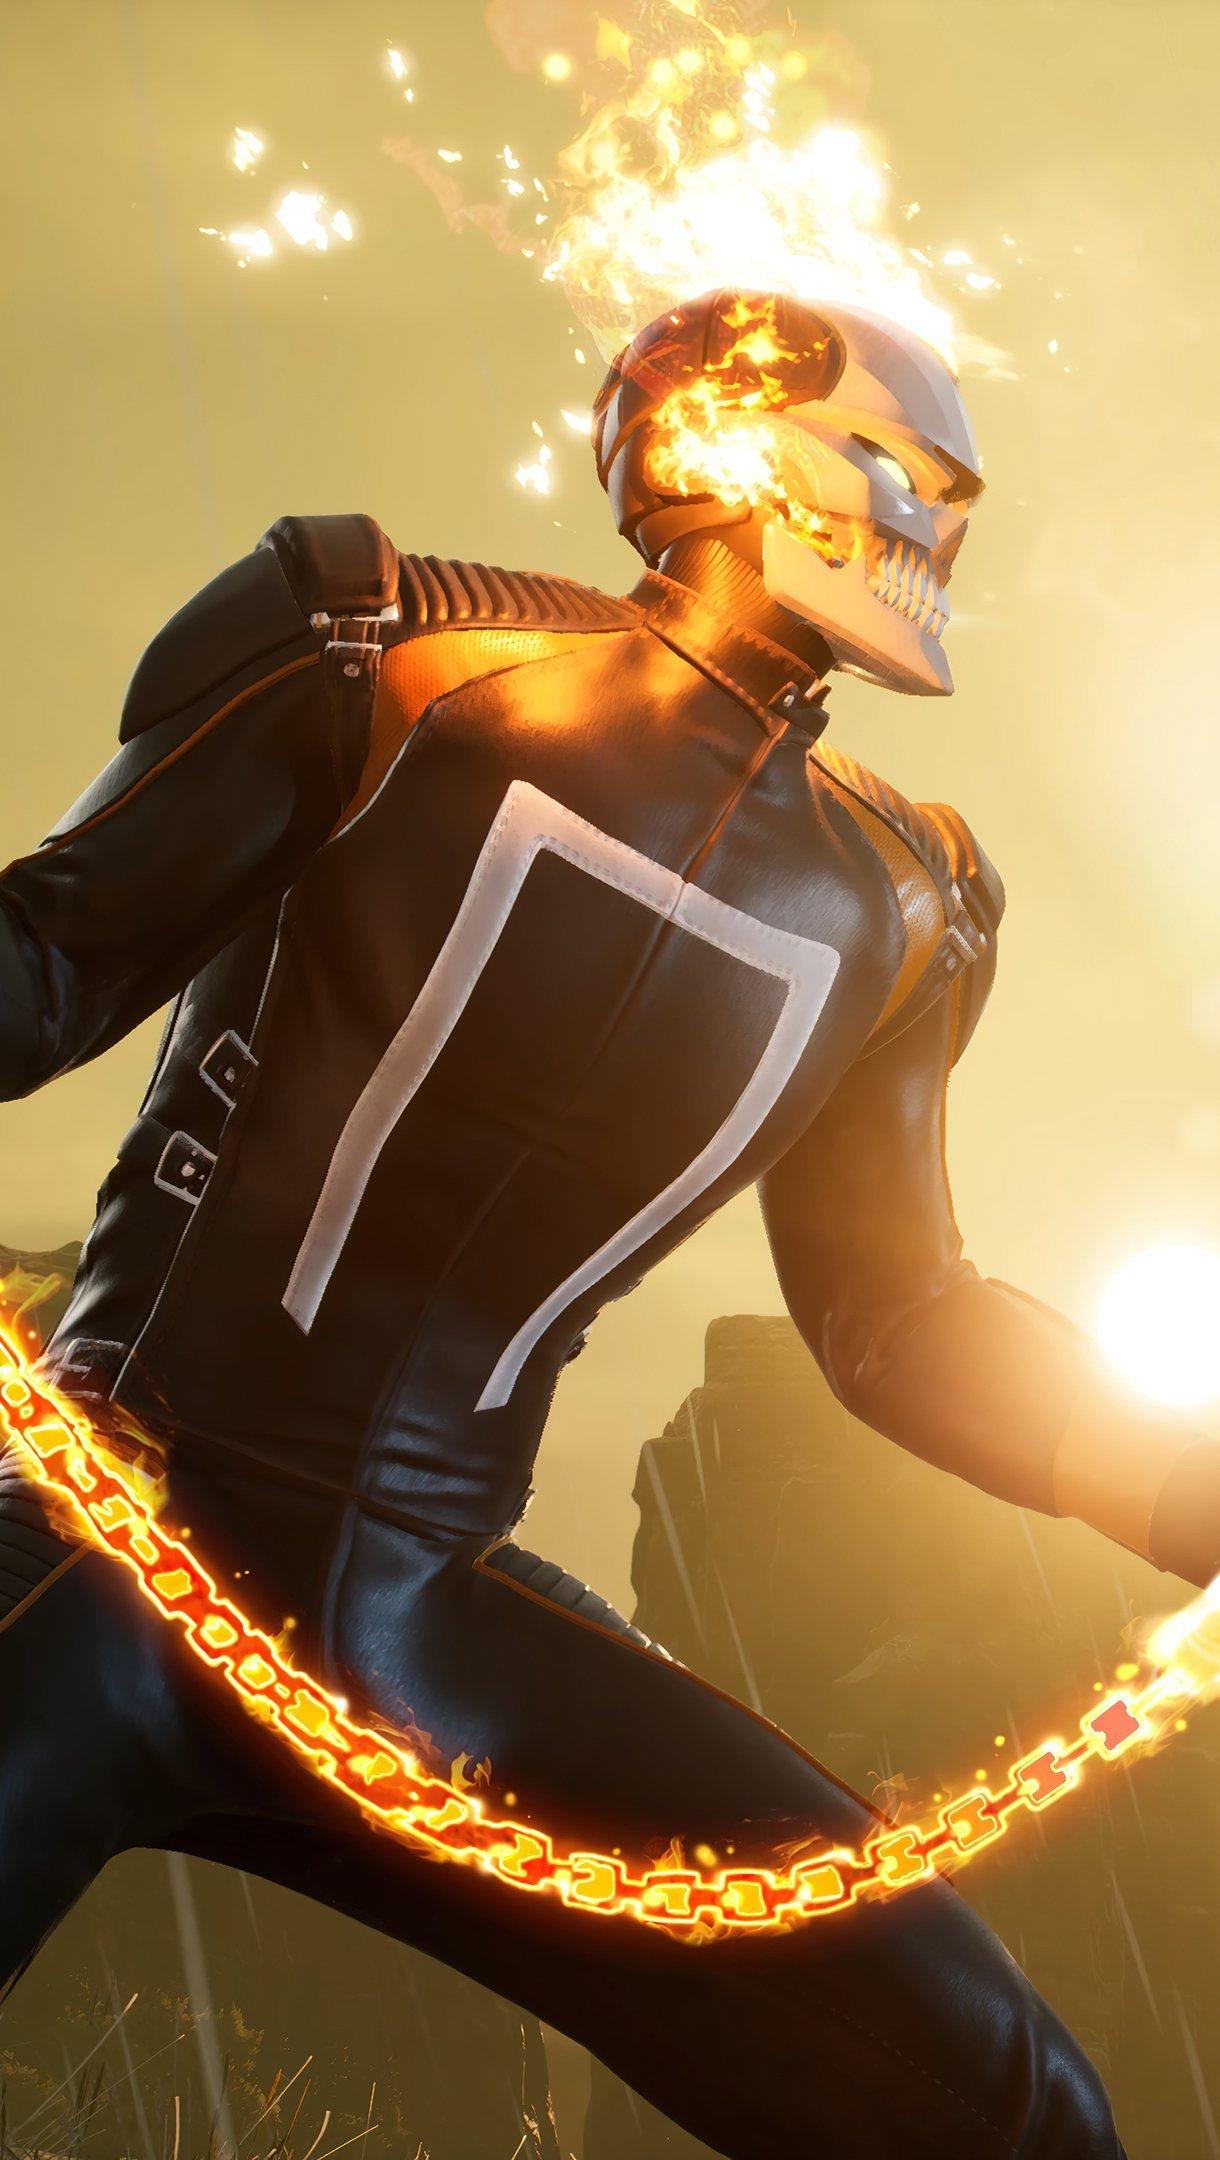 Fondos de pantalla Ghost Rider Marvel's Midnight suns Vertical